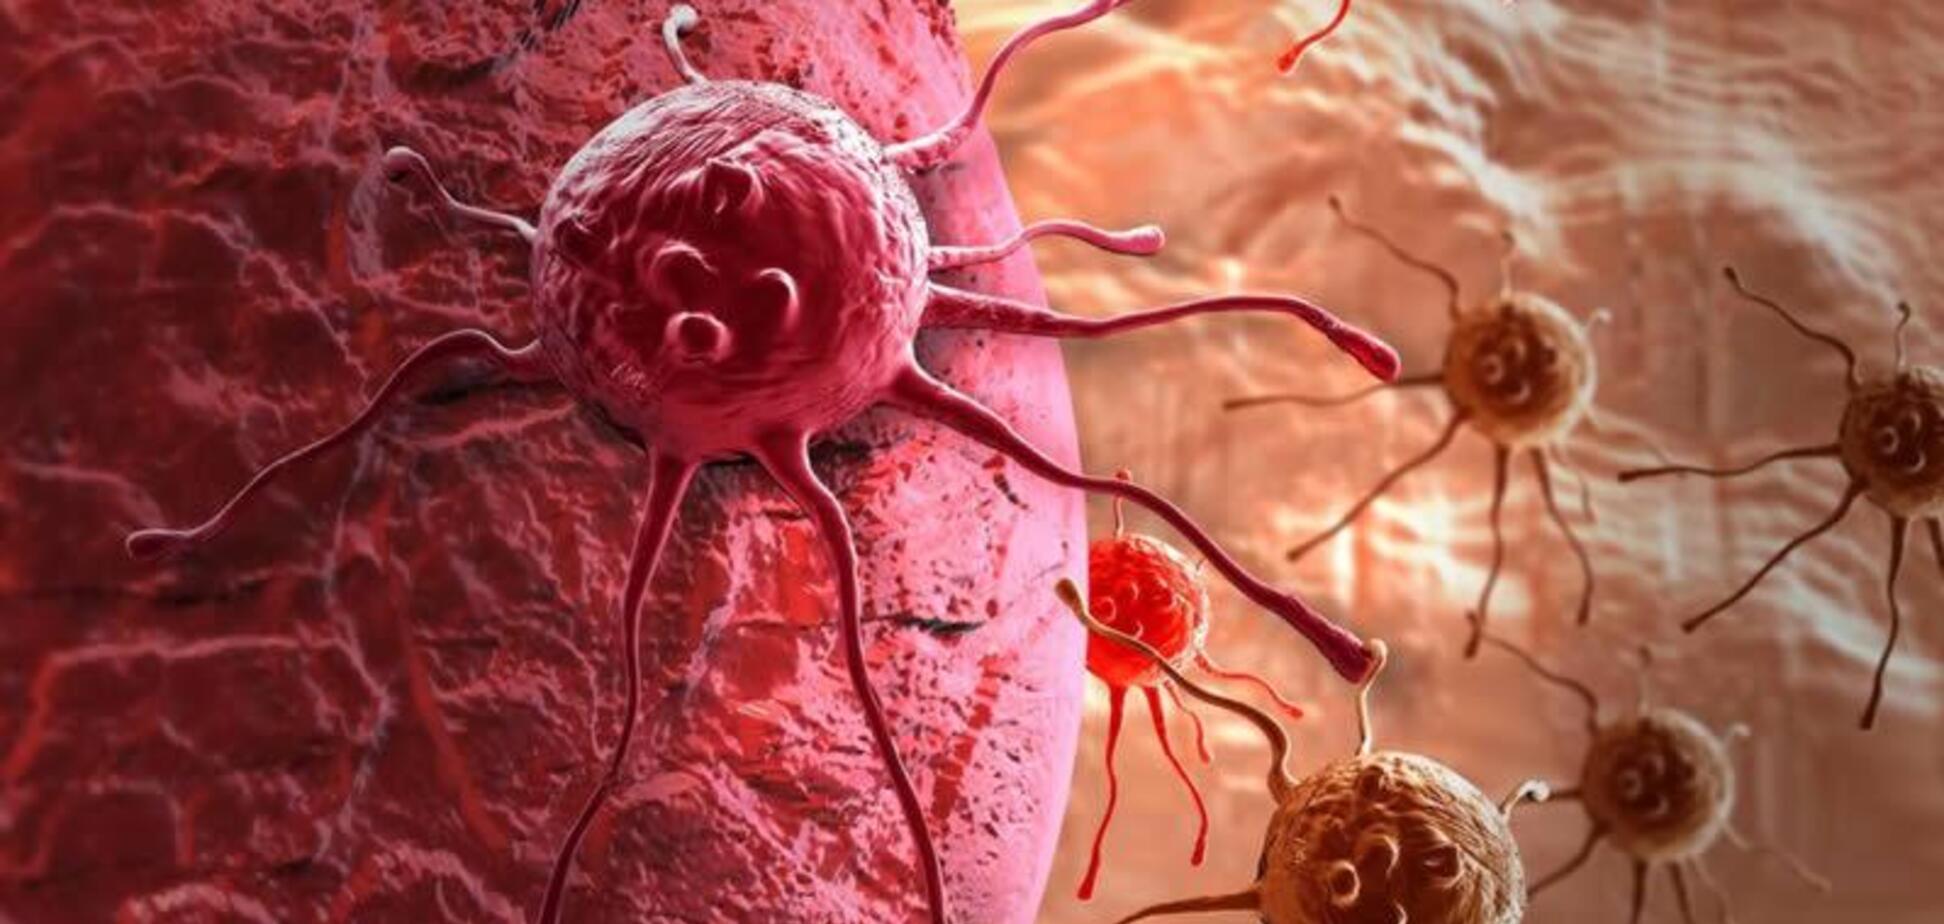 Раковые клетки могут защищать себя от вирусов: ученые сделали открытие